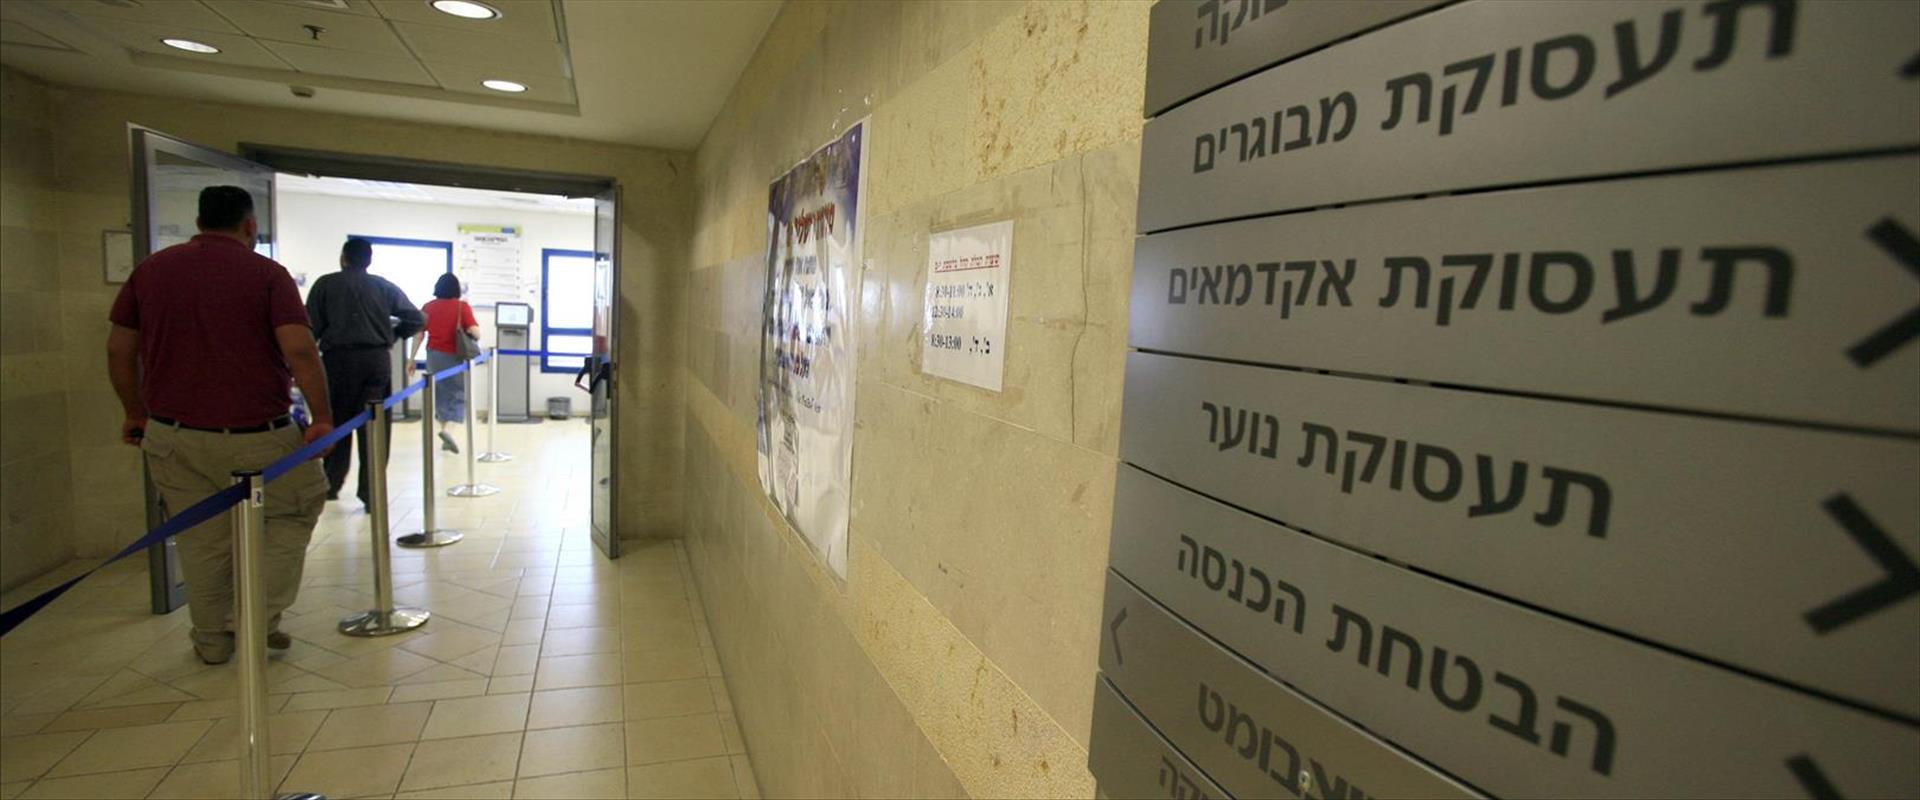 לשכת התעסוקה בירושלים, ארכיון